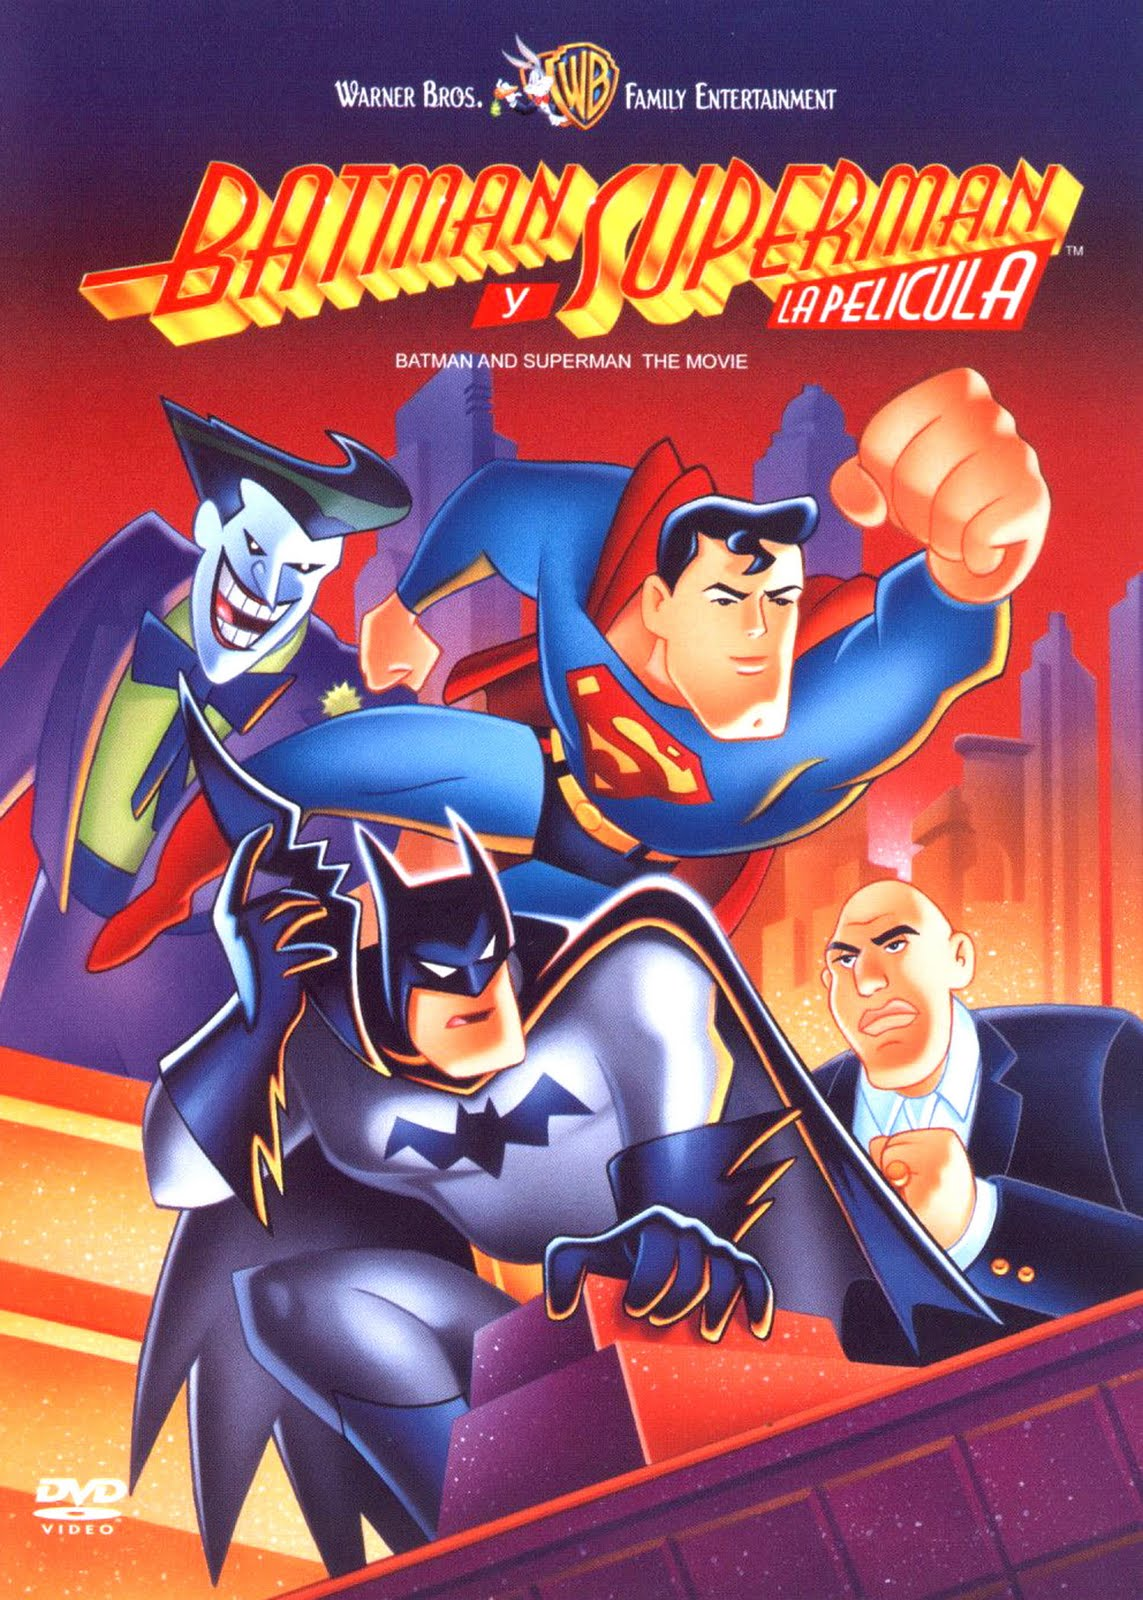 http://3.bp.blogspot.com/-zvfIHVFLDK4/Tk7r2X1CowI/AAAAAAAAAIc/4E6ZoD7zfmo/s1600/Batman+Y+Superman+%2528La+Pelicula%2529.jpg